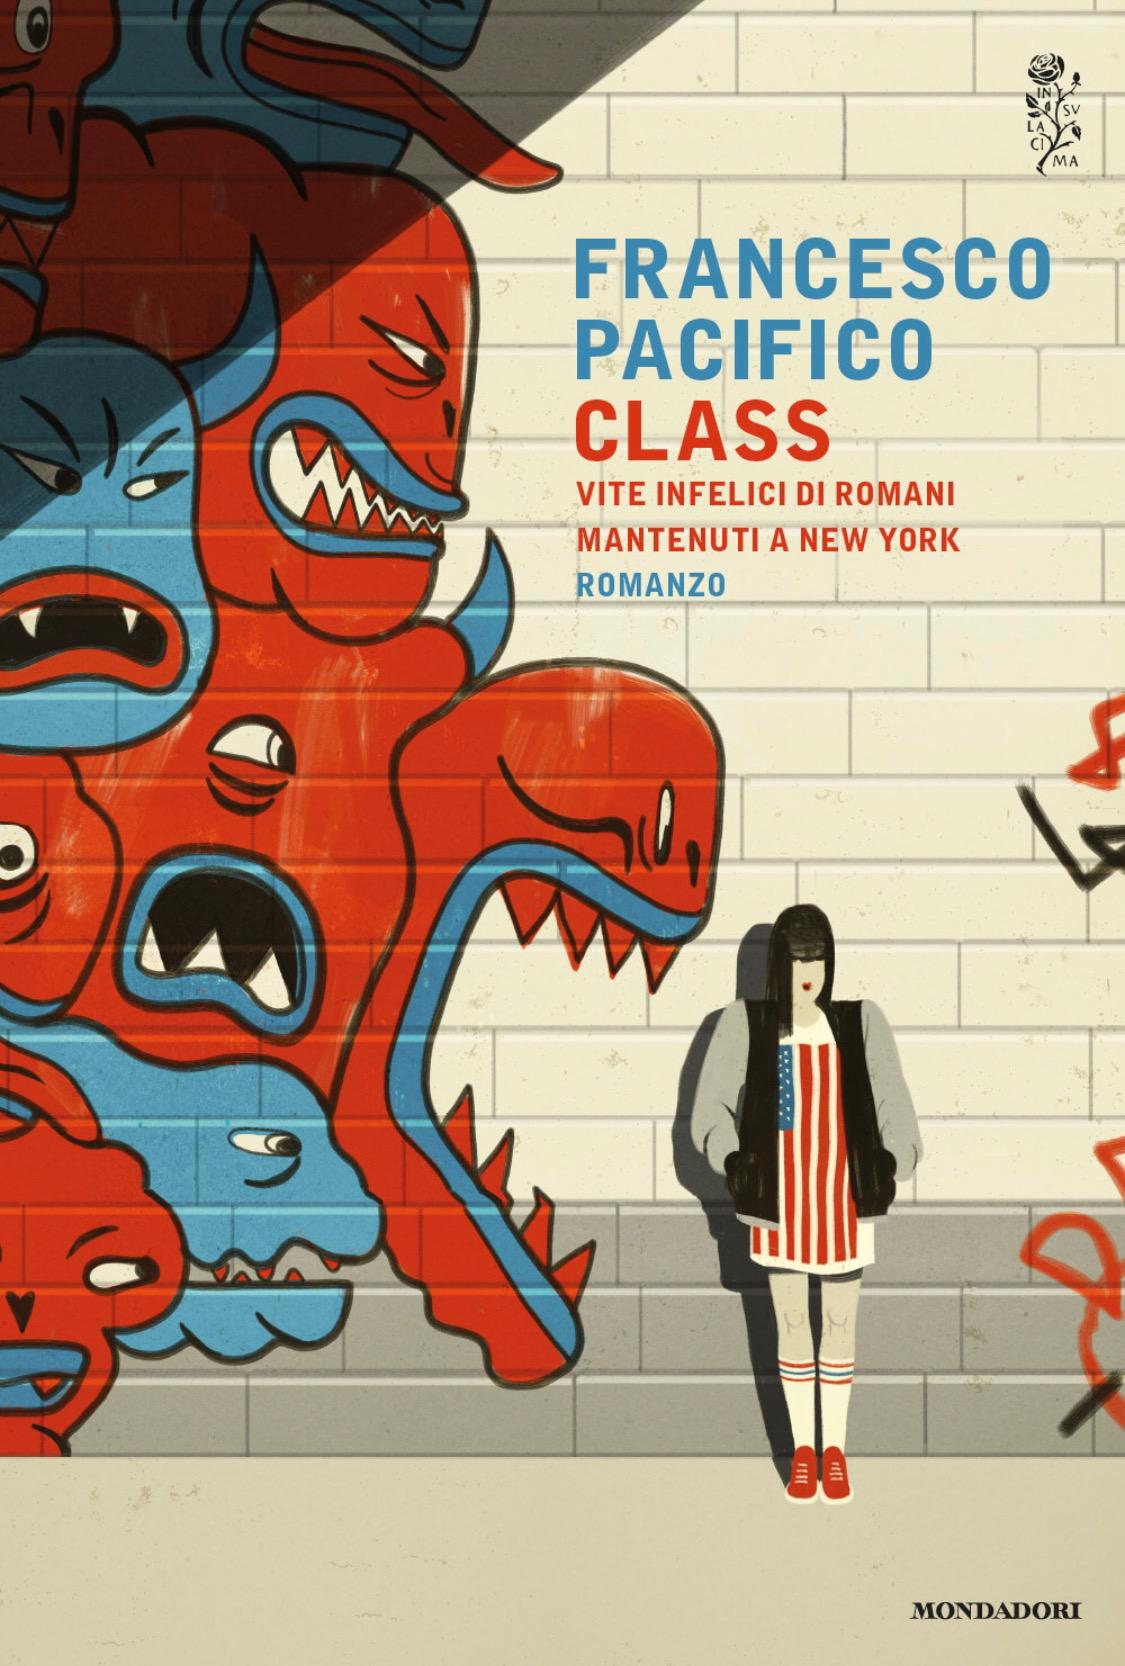 CLASS di Francesco Pacifico, Mondadori